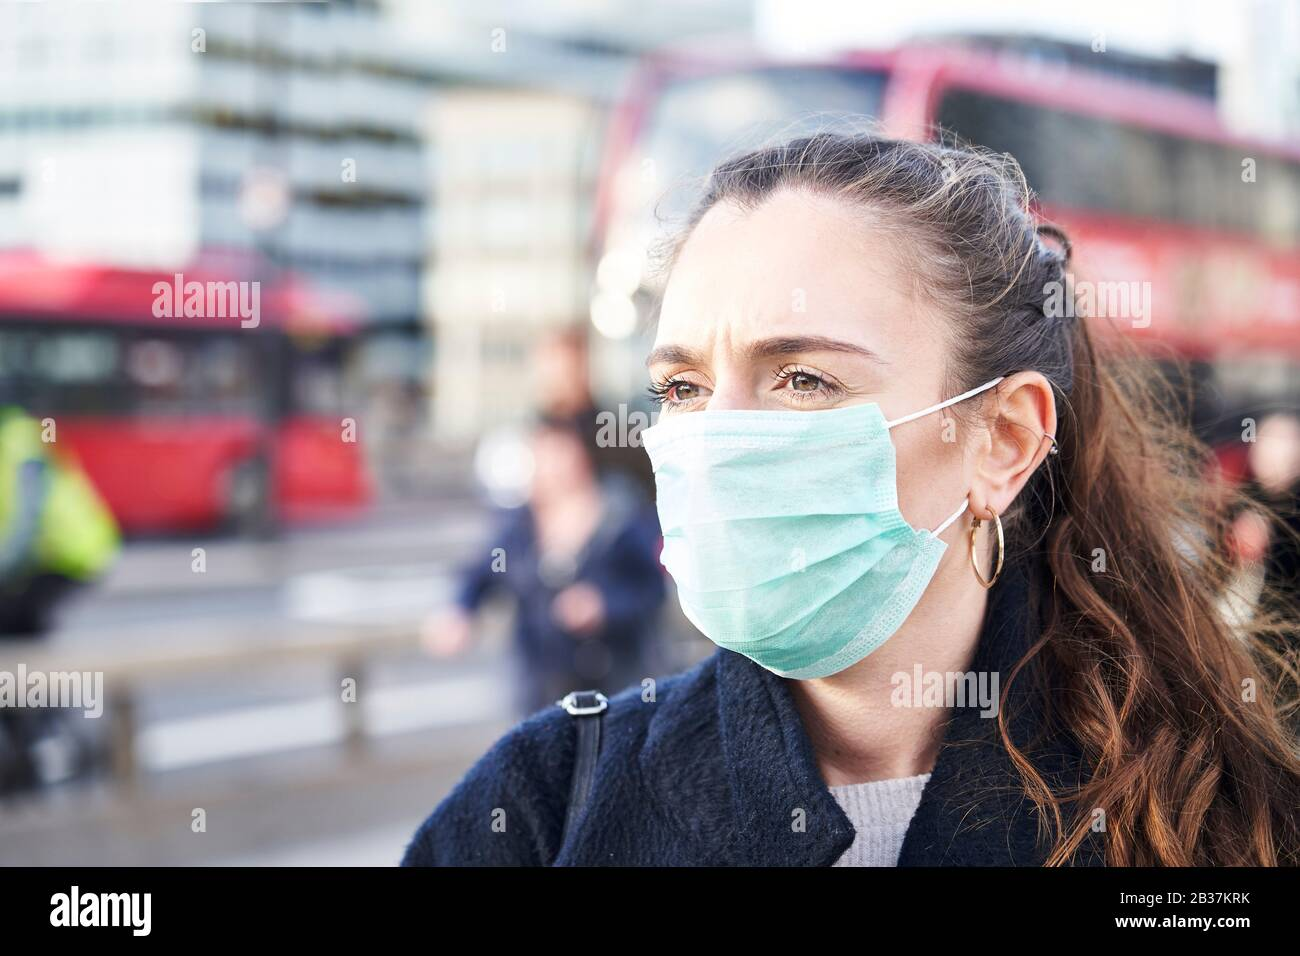 Junge Frau, die Gesichtsmaske trägt, während sie in den Straßen Londons spazieren ging Stockfoto